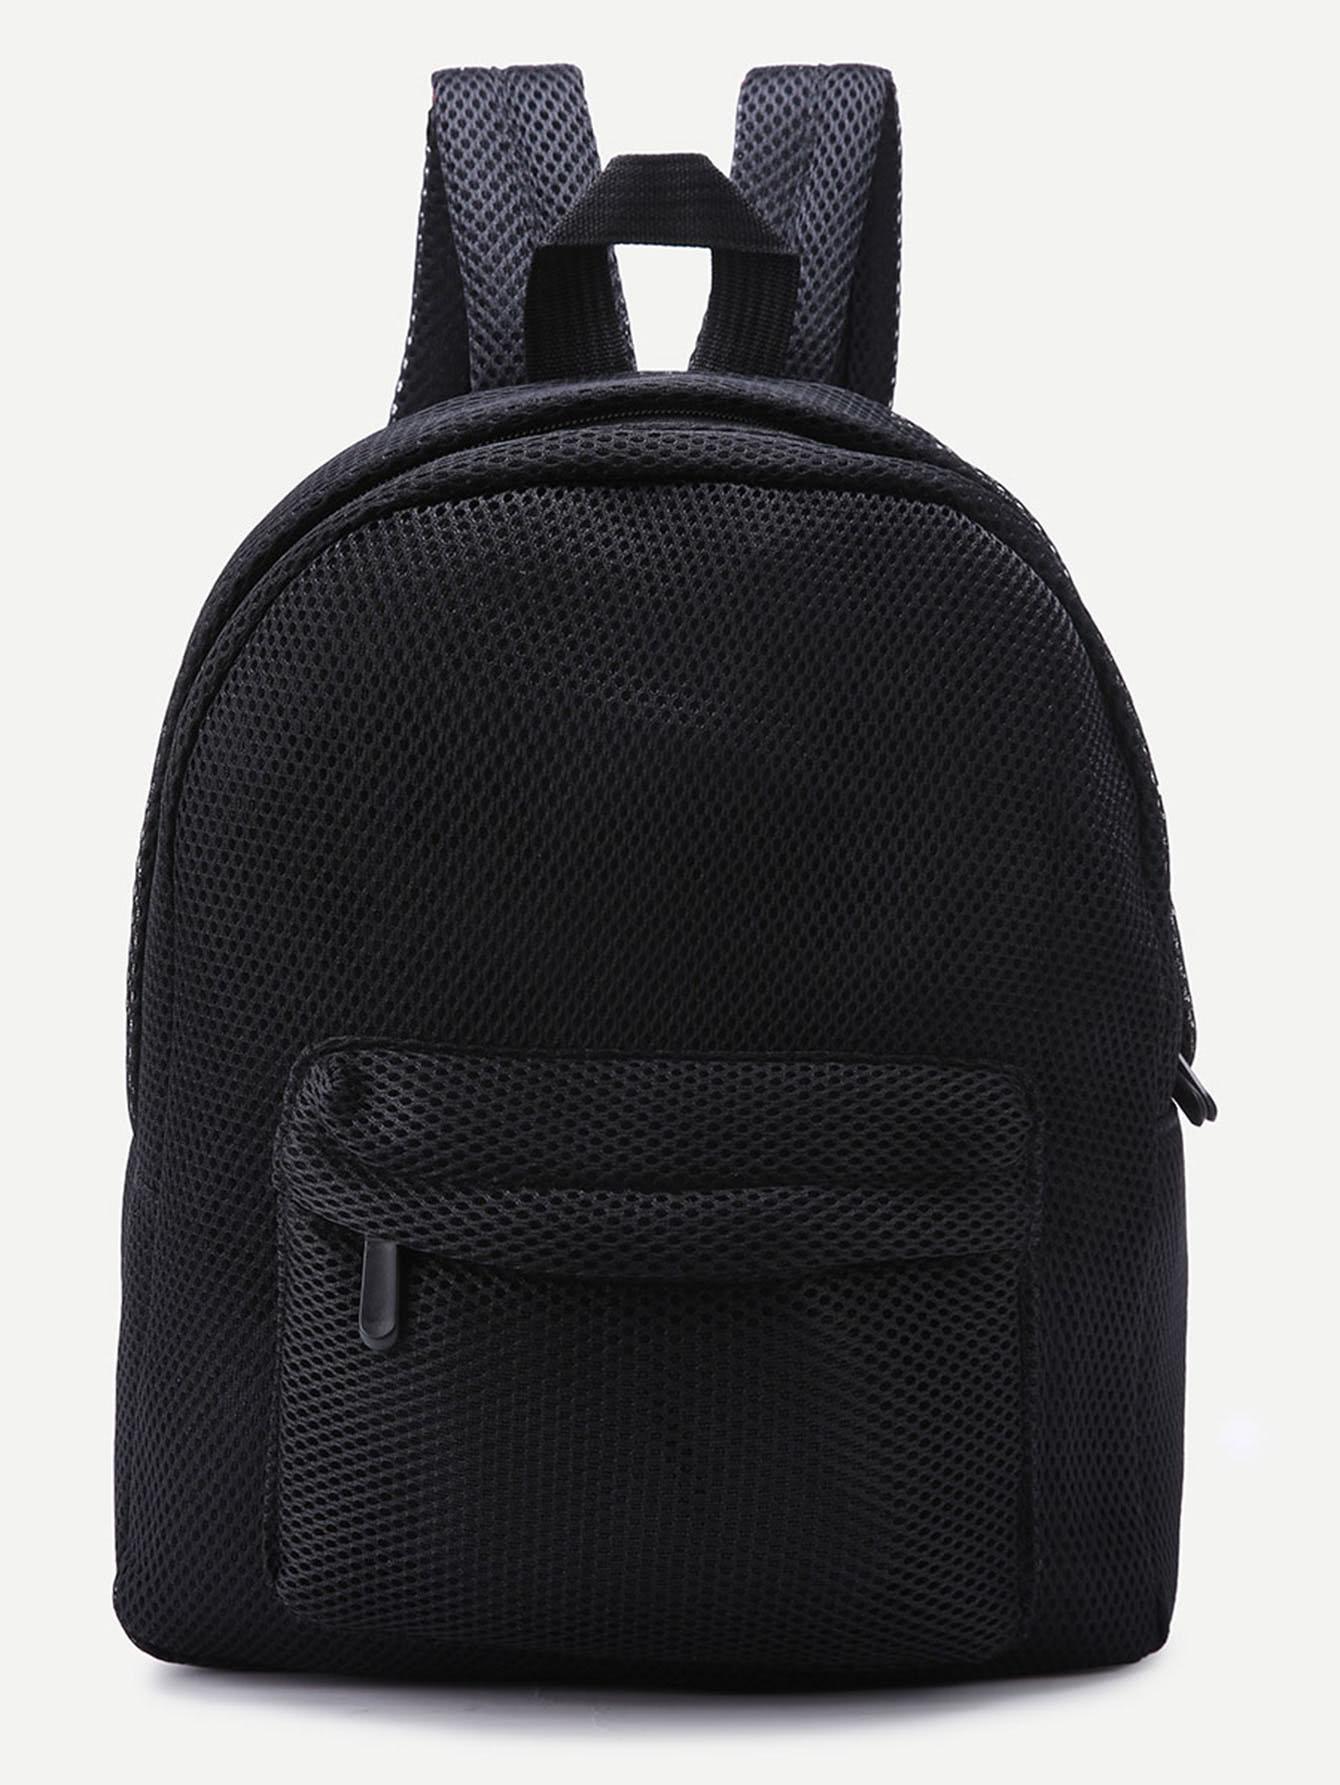 Фото Black Front Zipper Nylon Mesh Backpack. Купить с доставкой